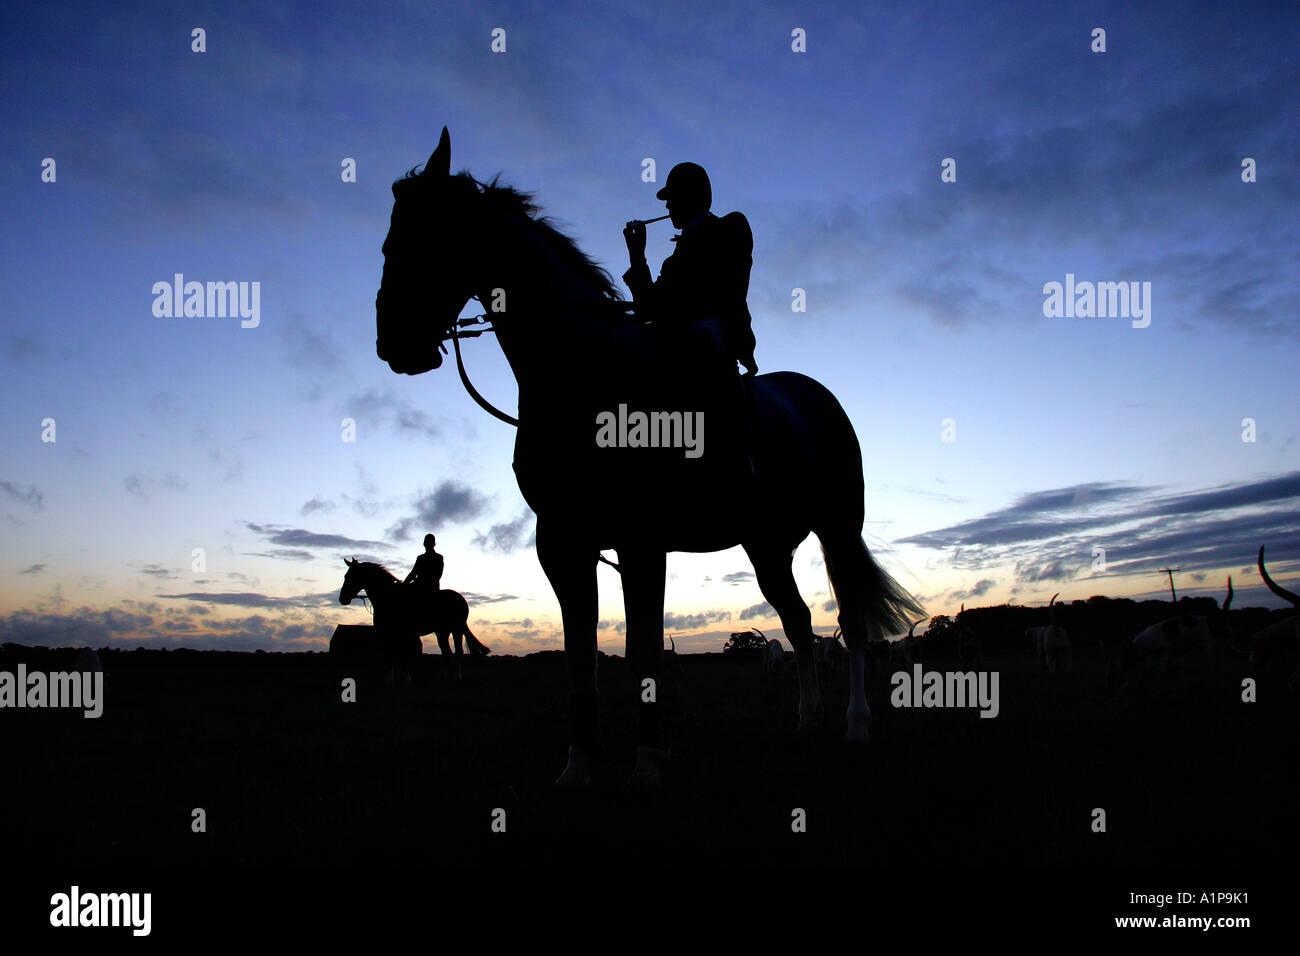 Silhouette di cacciatori di suonare il clacson per segnalare l'inizio di un alba hunt in Gloucester Regno Unito Immagini Stock